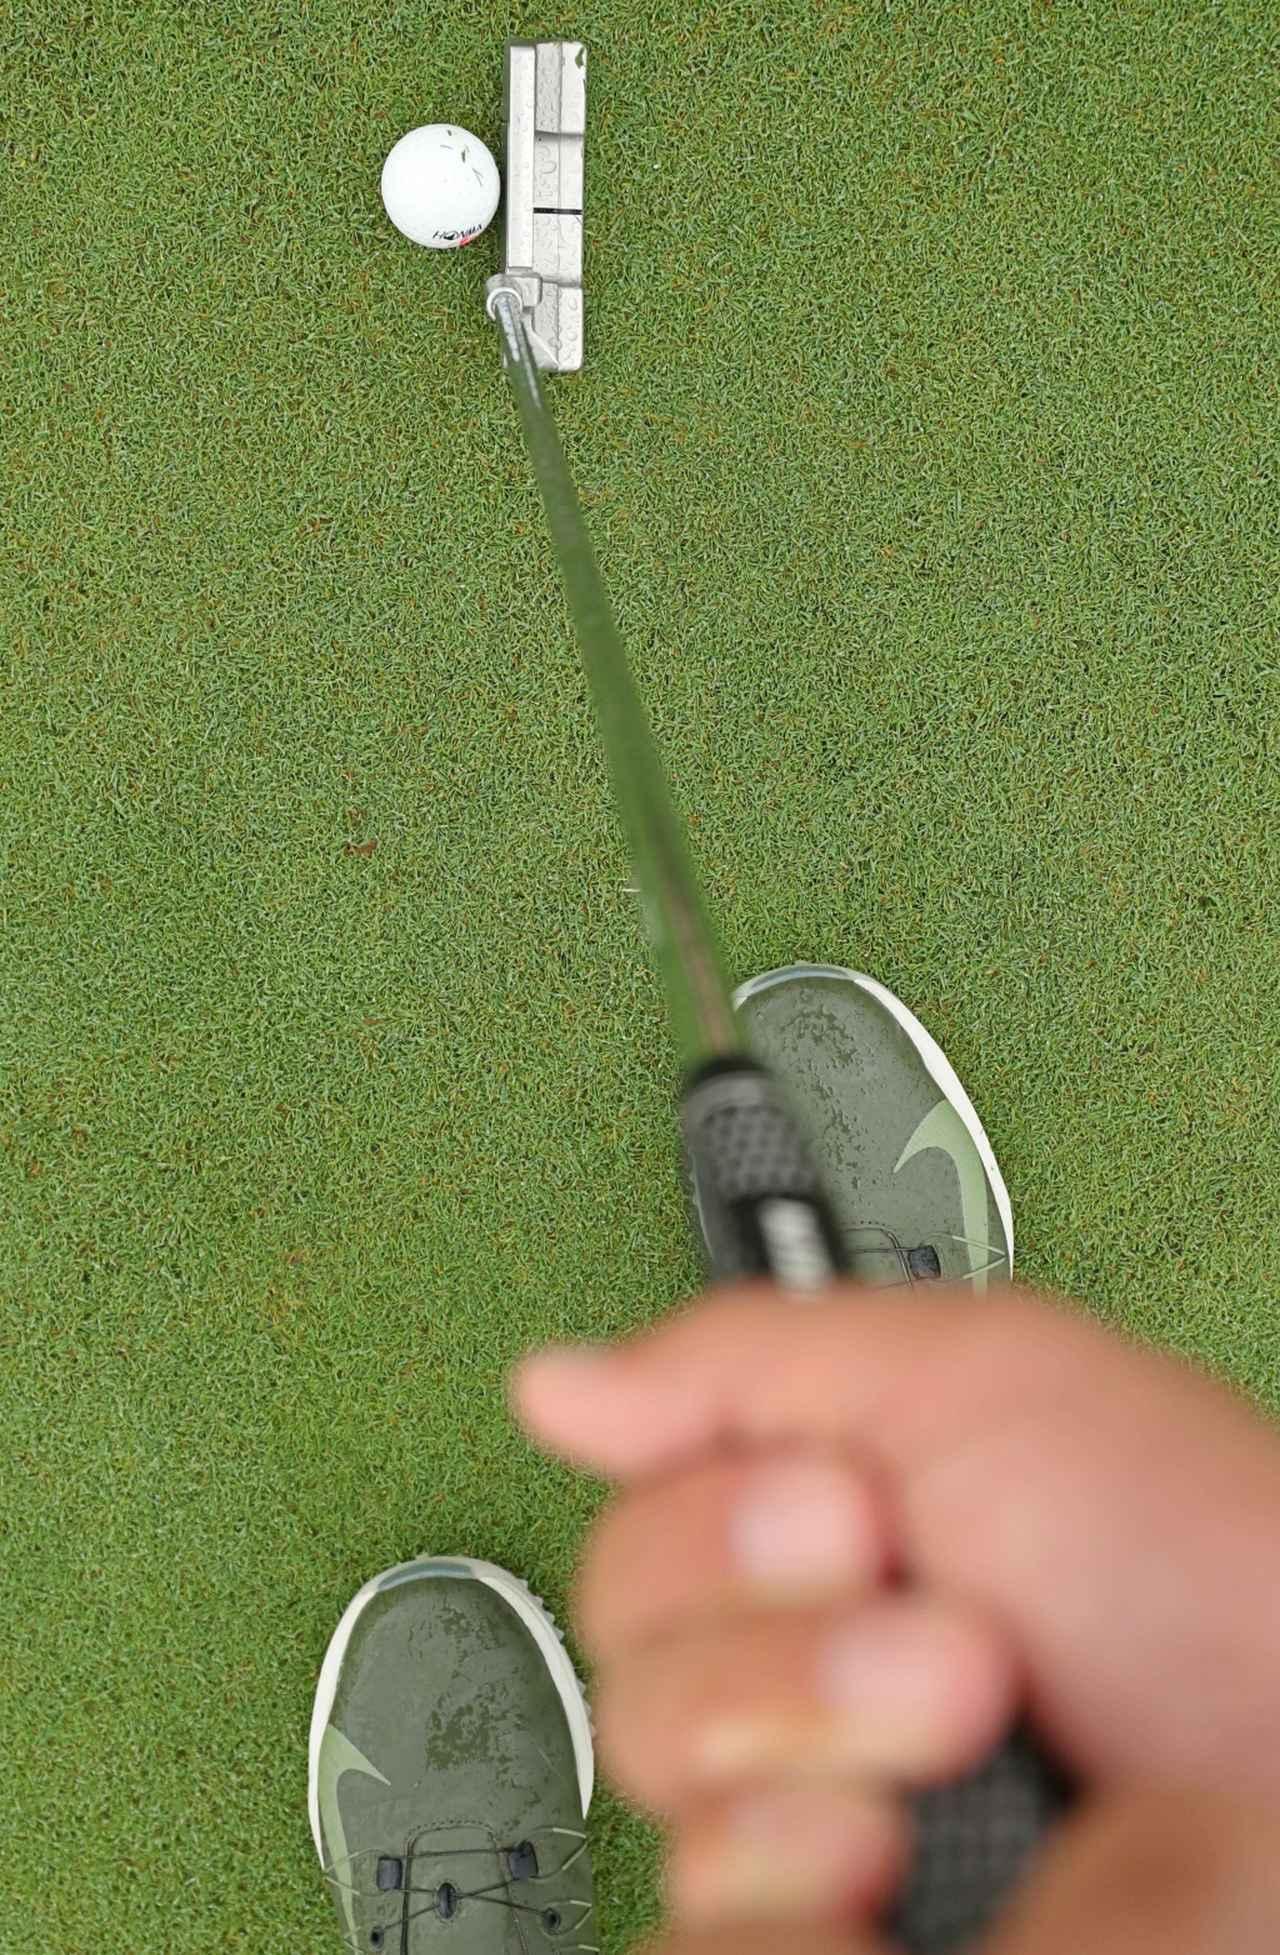 画像: ①カップを見て右手のひらを意識して右手で打つ方向にヘッドを合わせる ②右足の上に頭を置き、右足と肩のラインが「直角」になるように構えると、ラインに対して真っすぐ構えられる